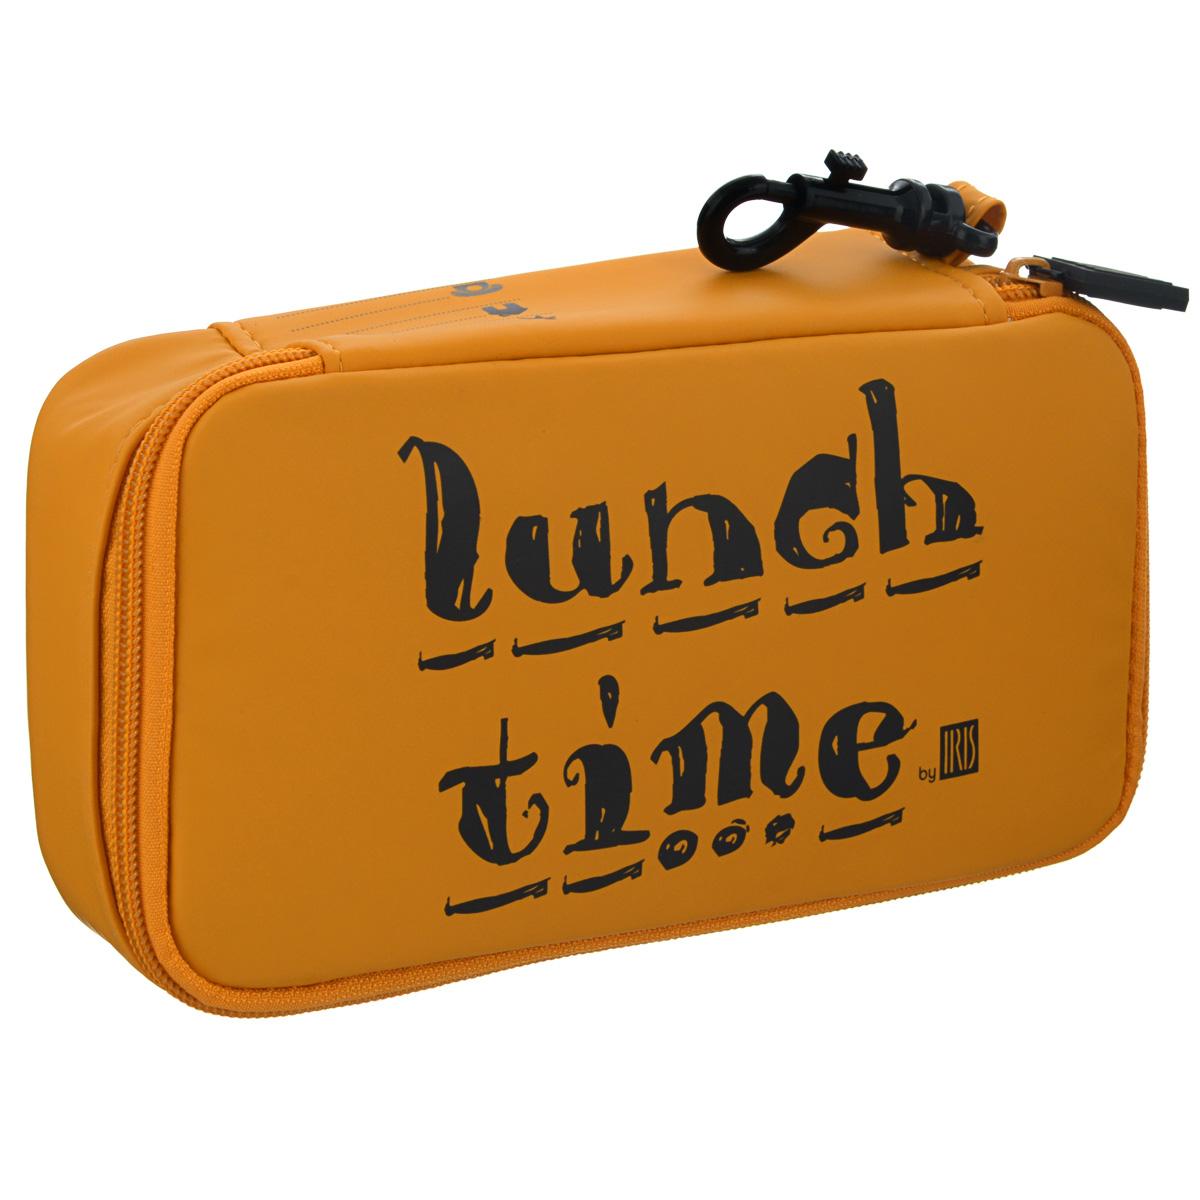 Термобутербродница Iris Barcelona Lunch Time, цвет: оранжевый, 21 х 11,5 х 5 см9924-TOТермобутербродница Iris Barcelona Lunch Time выполнена из высококачественного полиэстера и идеально подходит, чтобы взять с собой в школу, на прогулку или в поездку. В течение нескольких часов сохранит еду свежей и вкусной благодаря специальному внутреннему покрытию из теплоизолирующего материала. Специальный фиксирующий поясок не позволит бутерброду распасться. Имеет внутренний карман для салфеток. Плотный материал стенок сохранит бутерброд от любых внешних воздействий и сохранит его форму. Можно написать имя и контактные данные владельца. Безопасный пластмассовый карабин позволит легко пристегнуть бутербродницу к ранцу или сумке. Заменяет все одноразовые упаковки. При бережном использовании прослужит не один год.